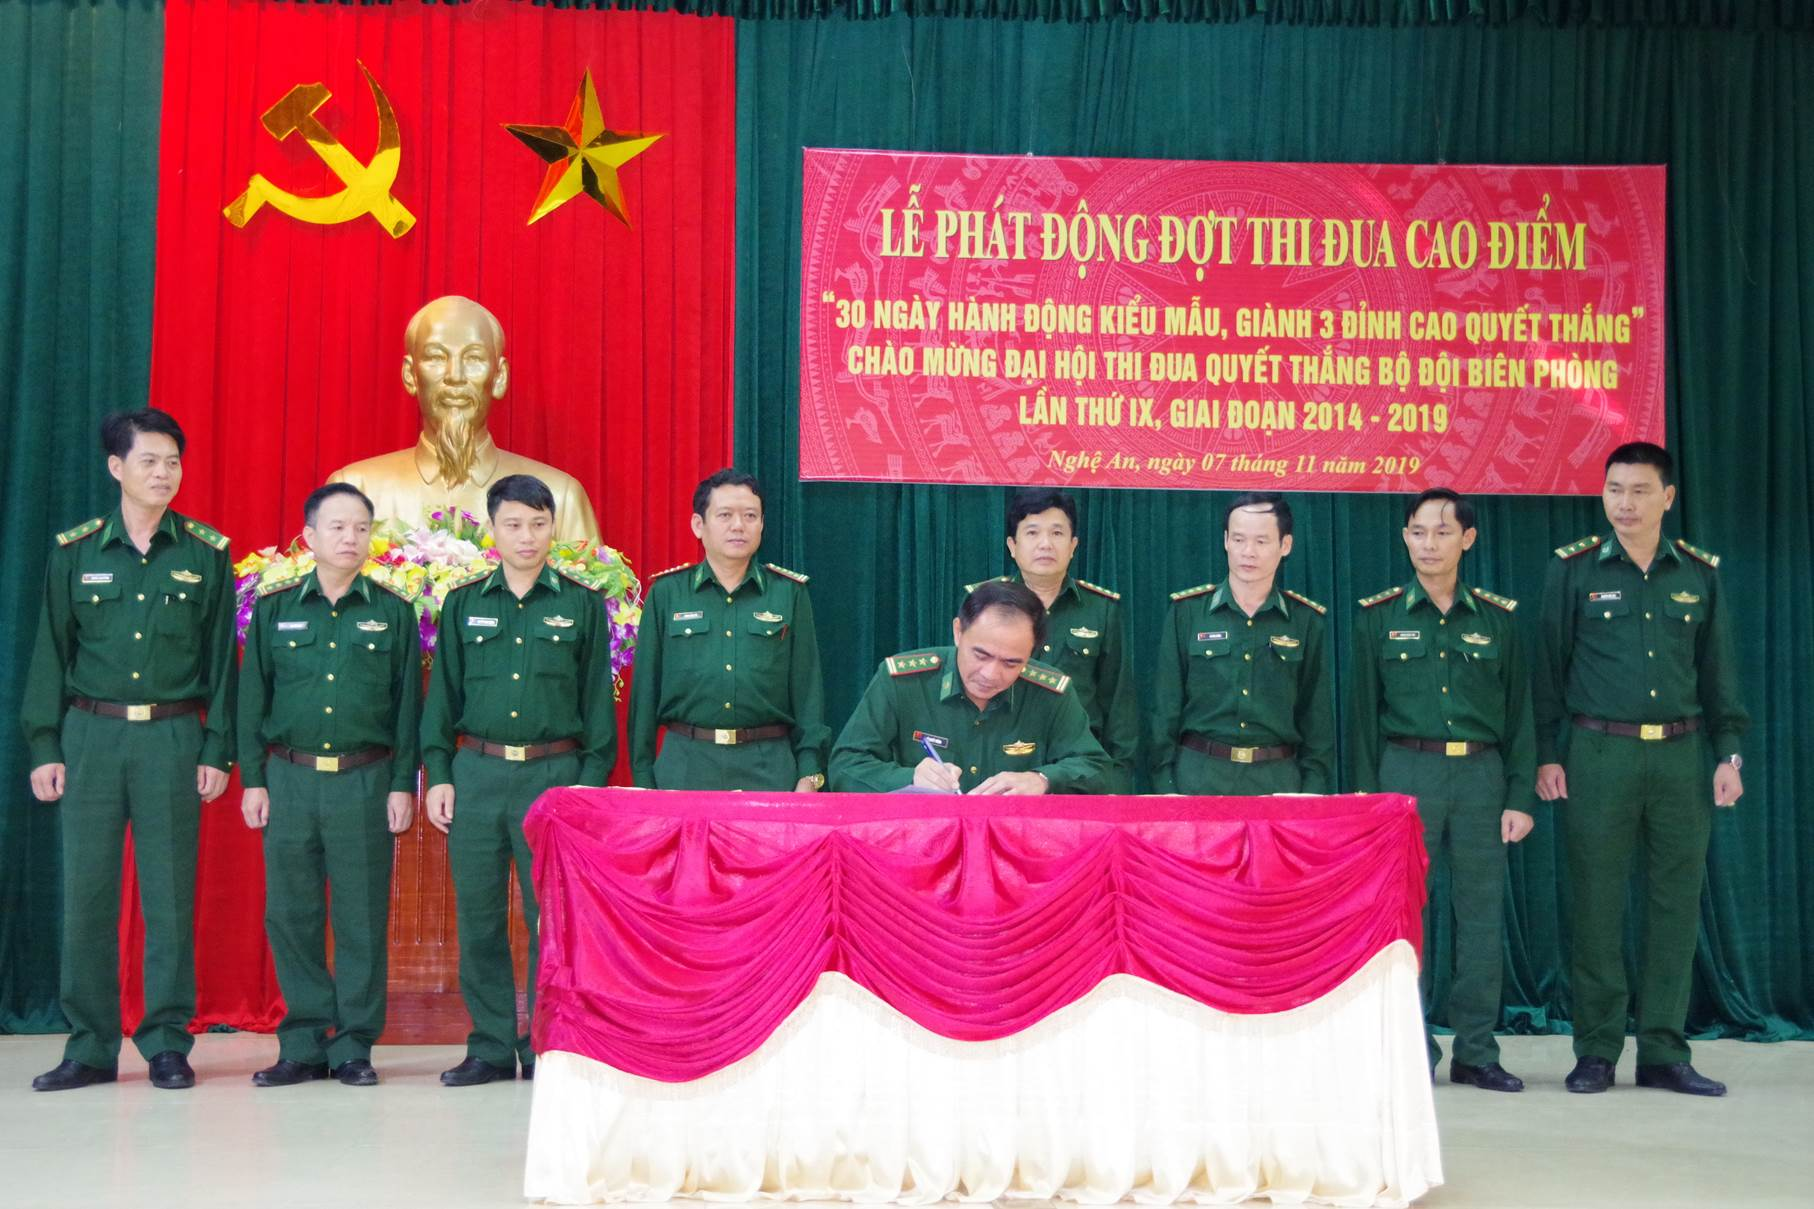 Bộ đội biên phòng Nghệ An phát động đợt thi đua cao điểm